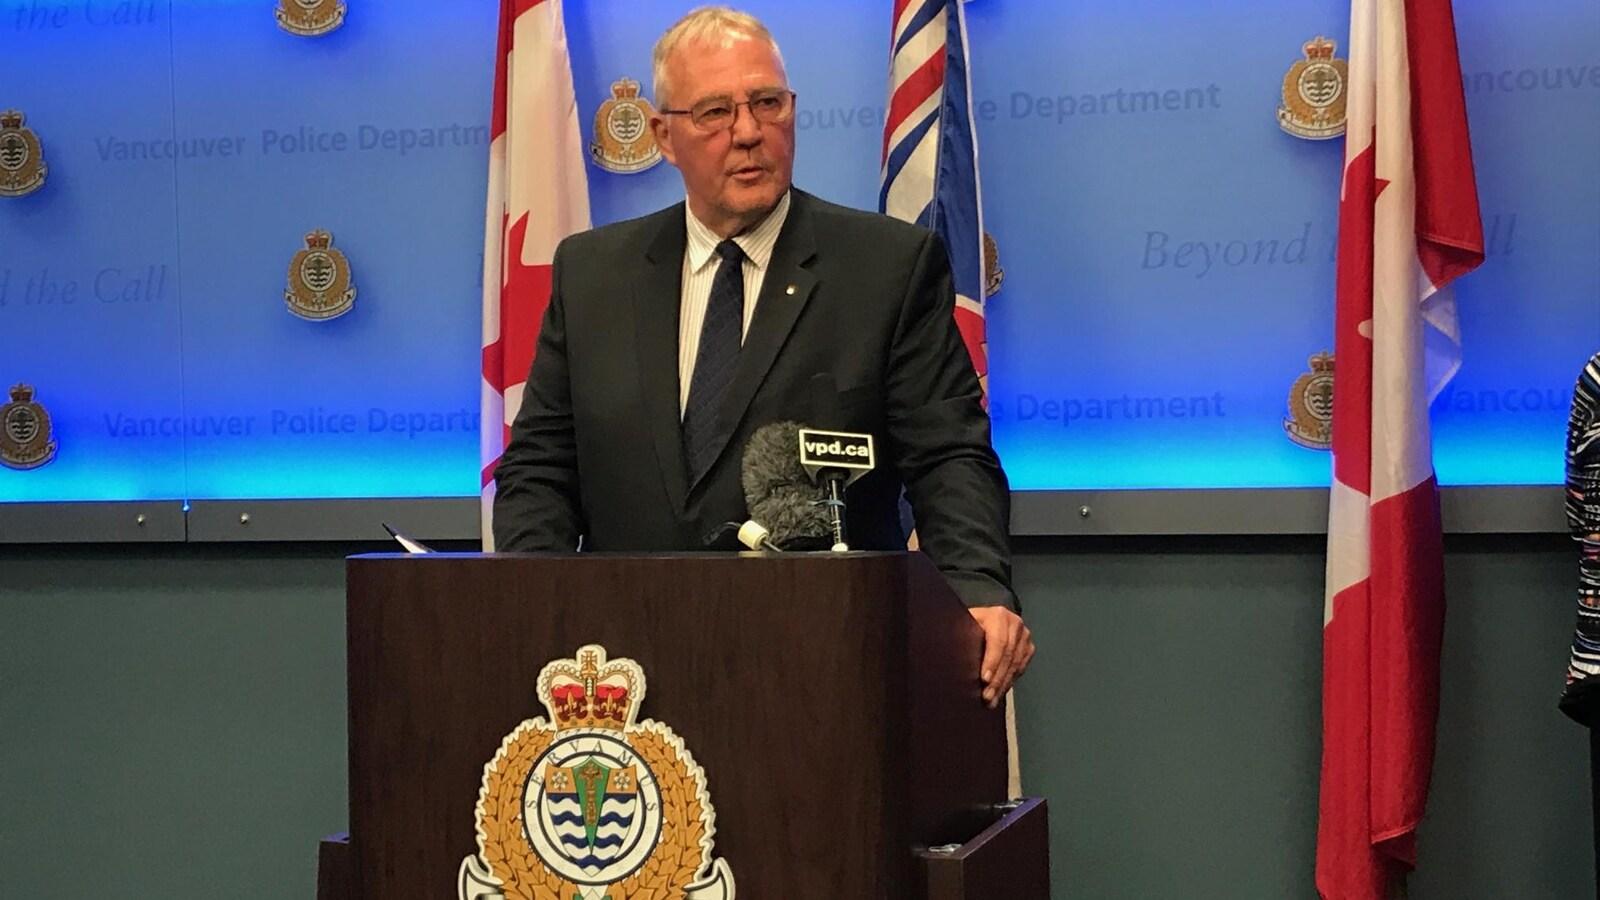 Un homme derrière un podium de la police de Vancouver